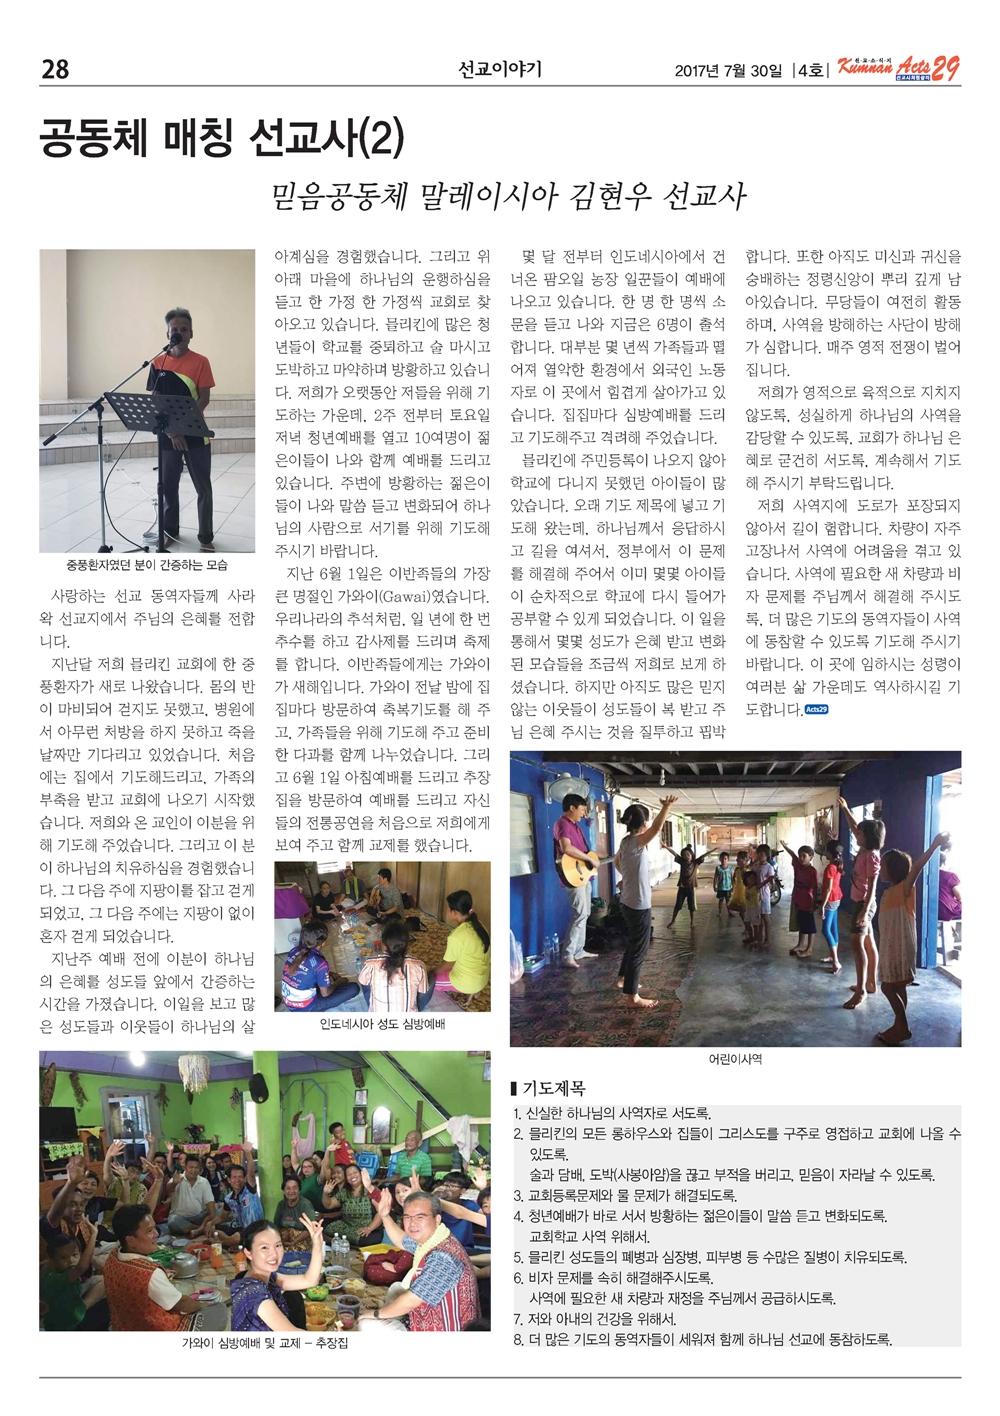 금란선교소식지 4호_Page_28.jpg